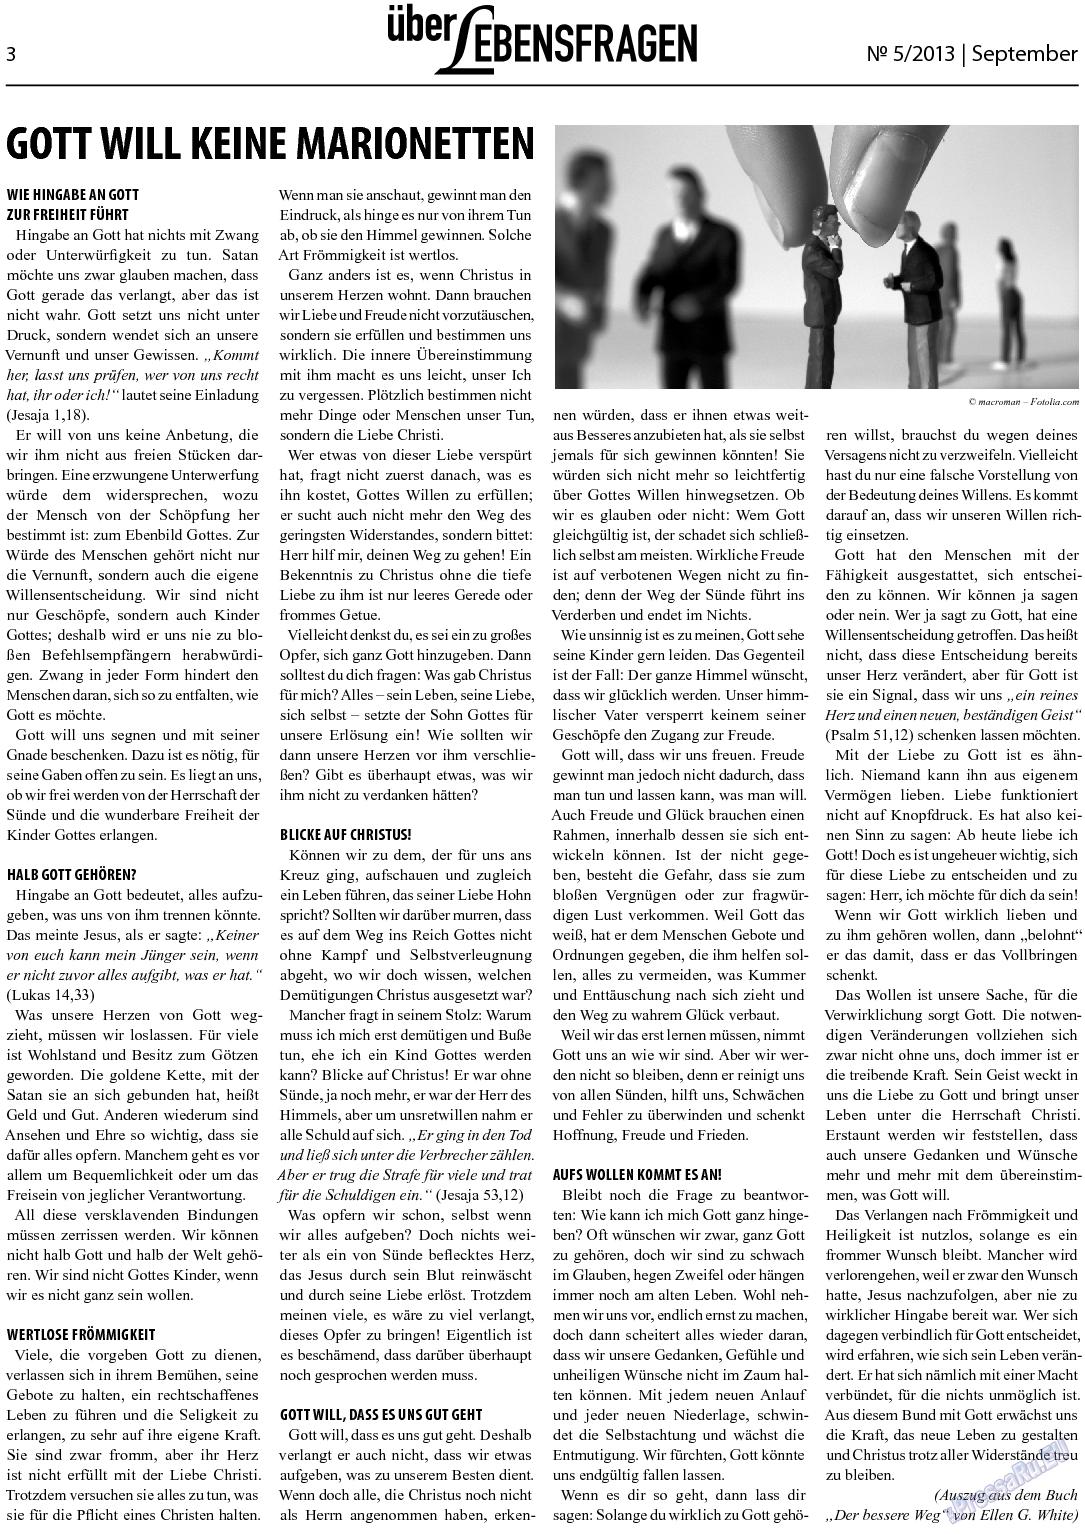 Вечное сокровище (газета). 2013 год, номер 5, стр. 23